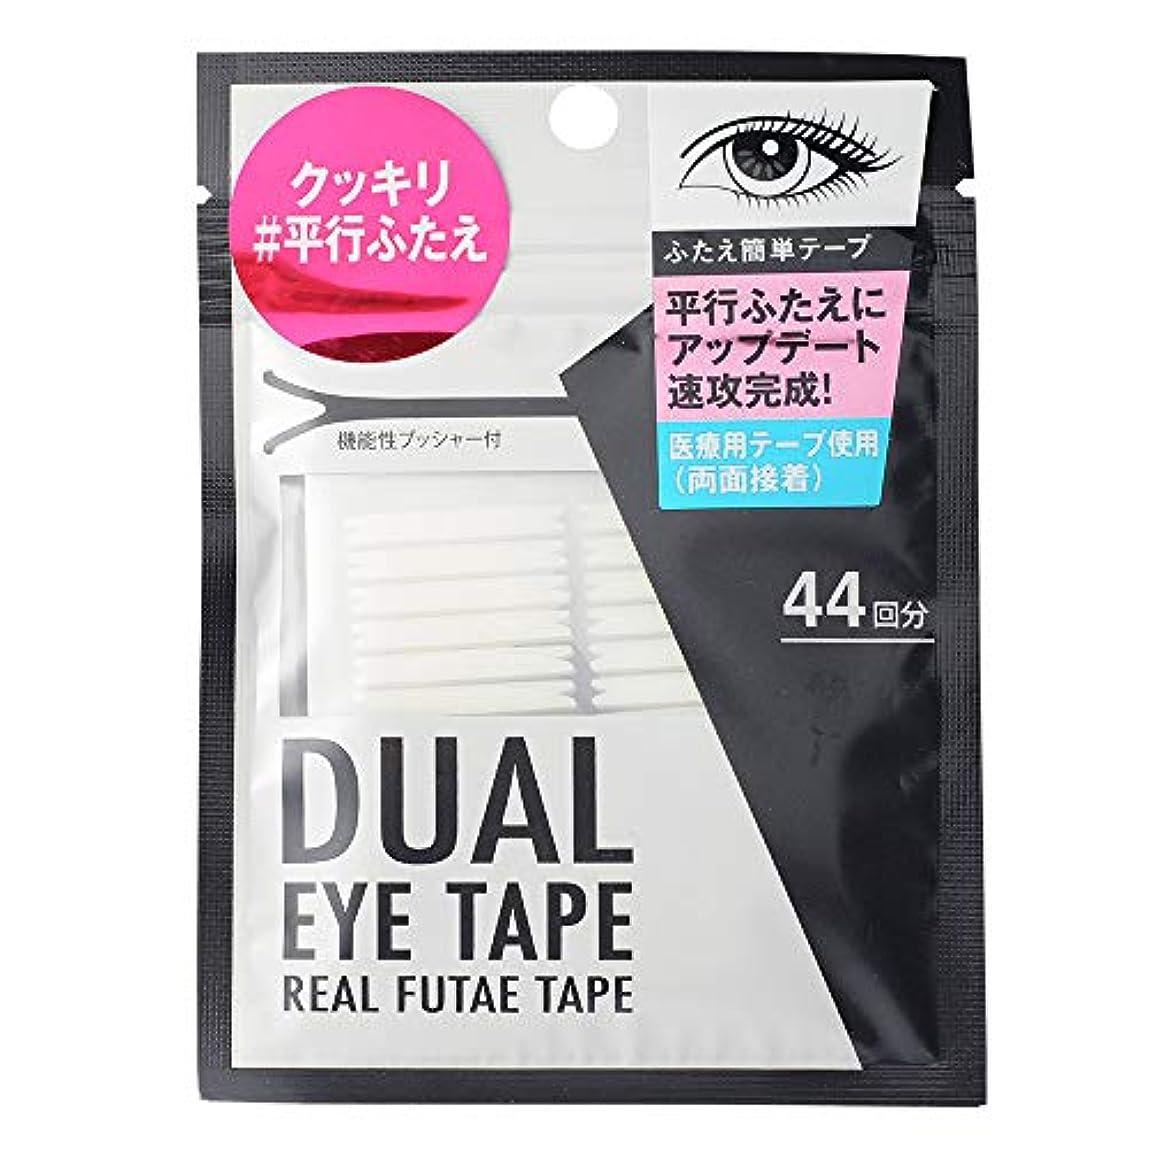 振る嫌がる考古学デュアルアイテープ (平行ふたえ両面接着テープ) (44回分)